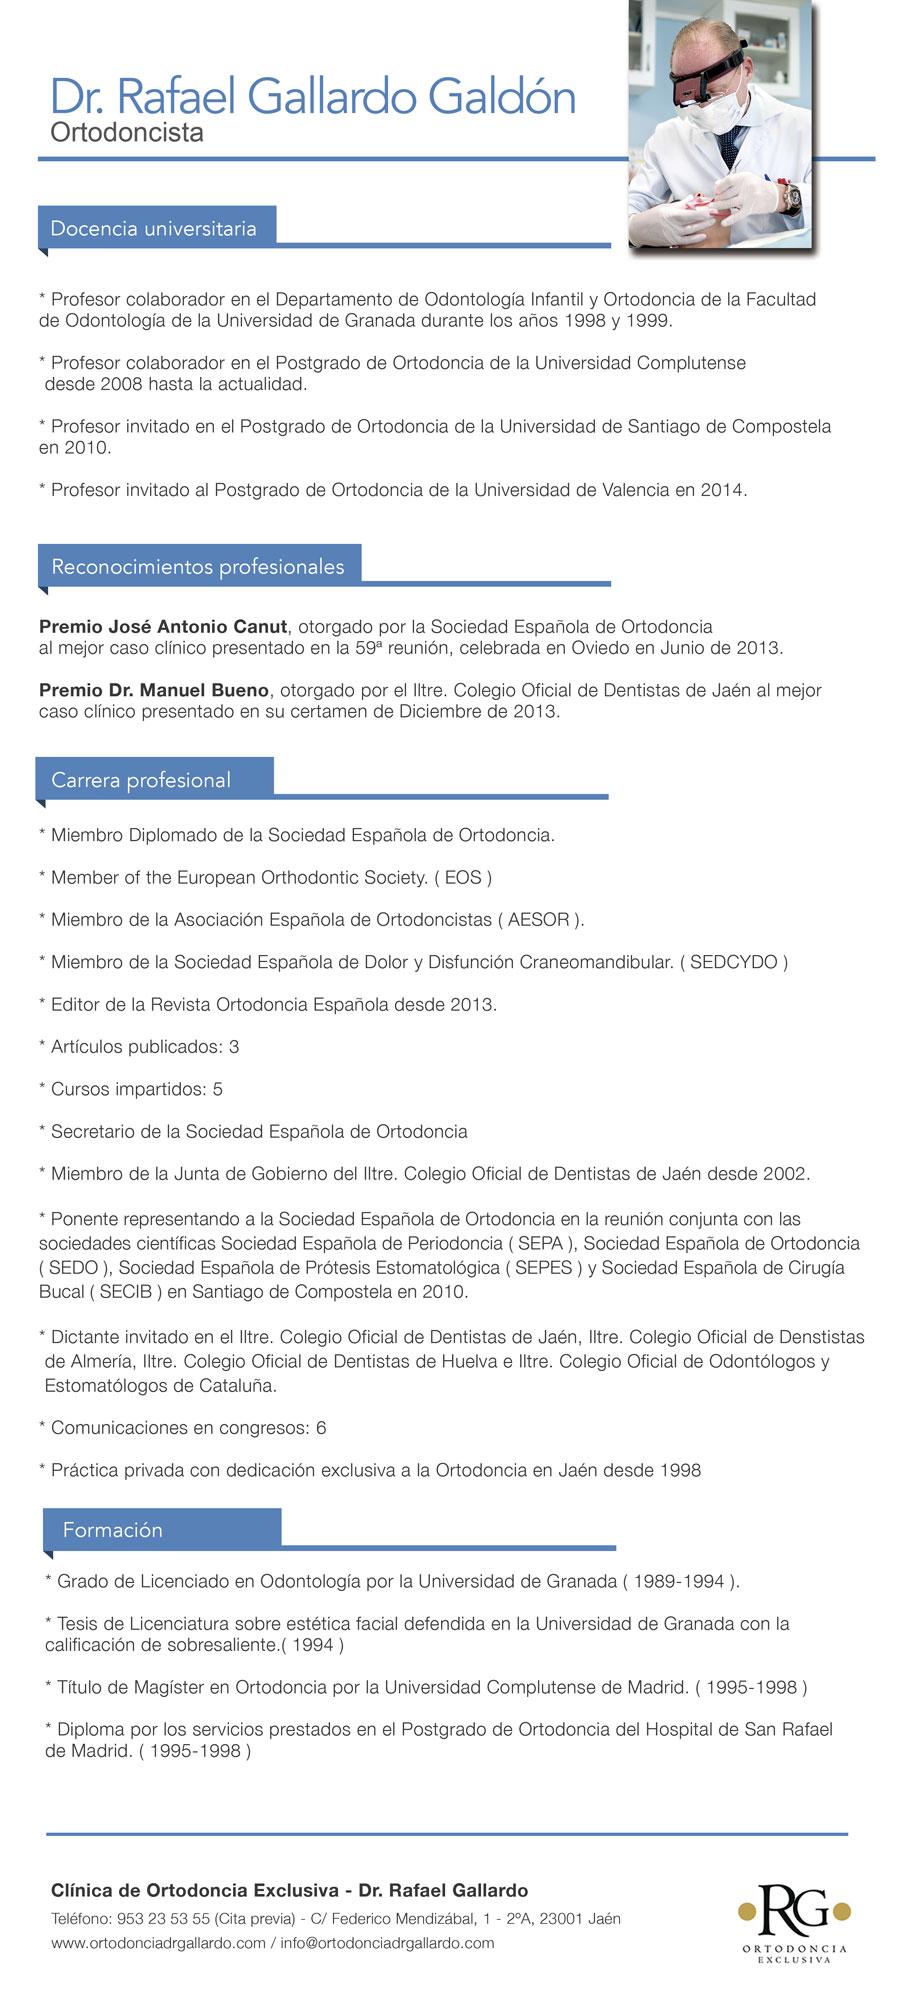 CV-DR-GALLARDO-ORTODONCISTA-JAEN